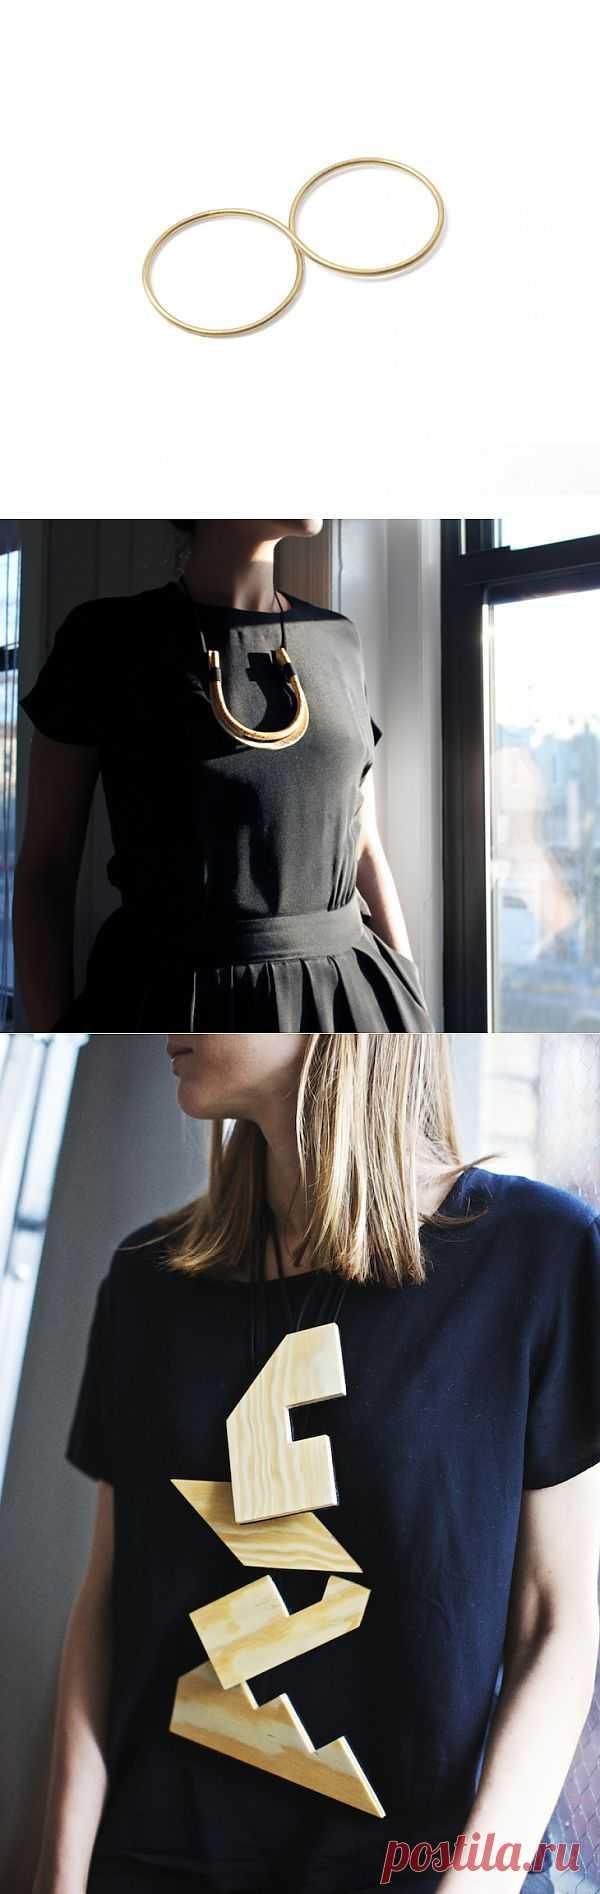 Простота дорогого стоит! / Украшения и бижутерия / Модный сайт о стильной переделке одежды и интерьера